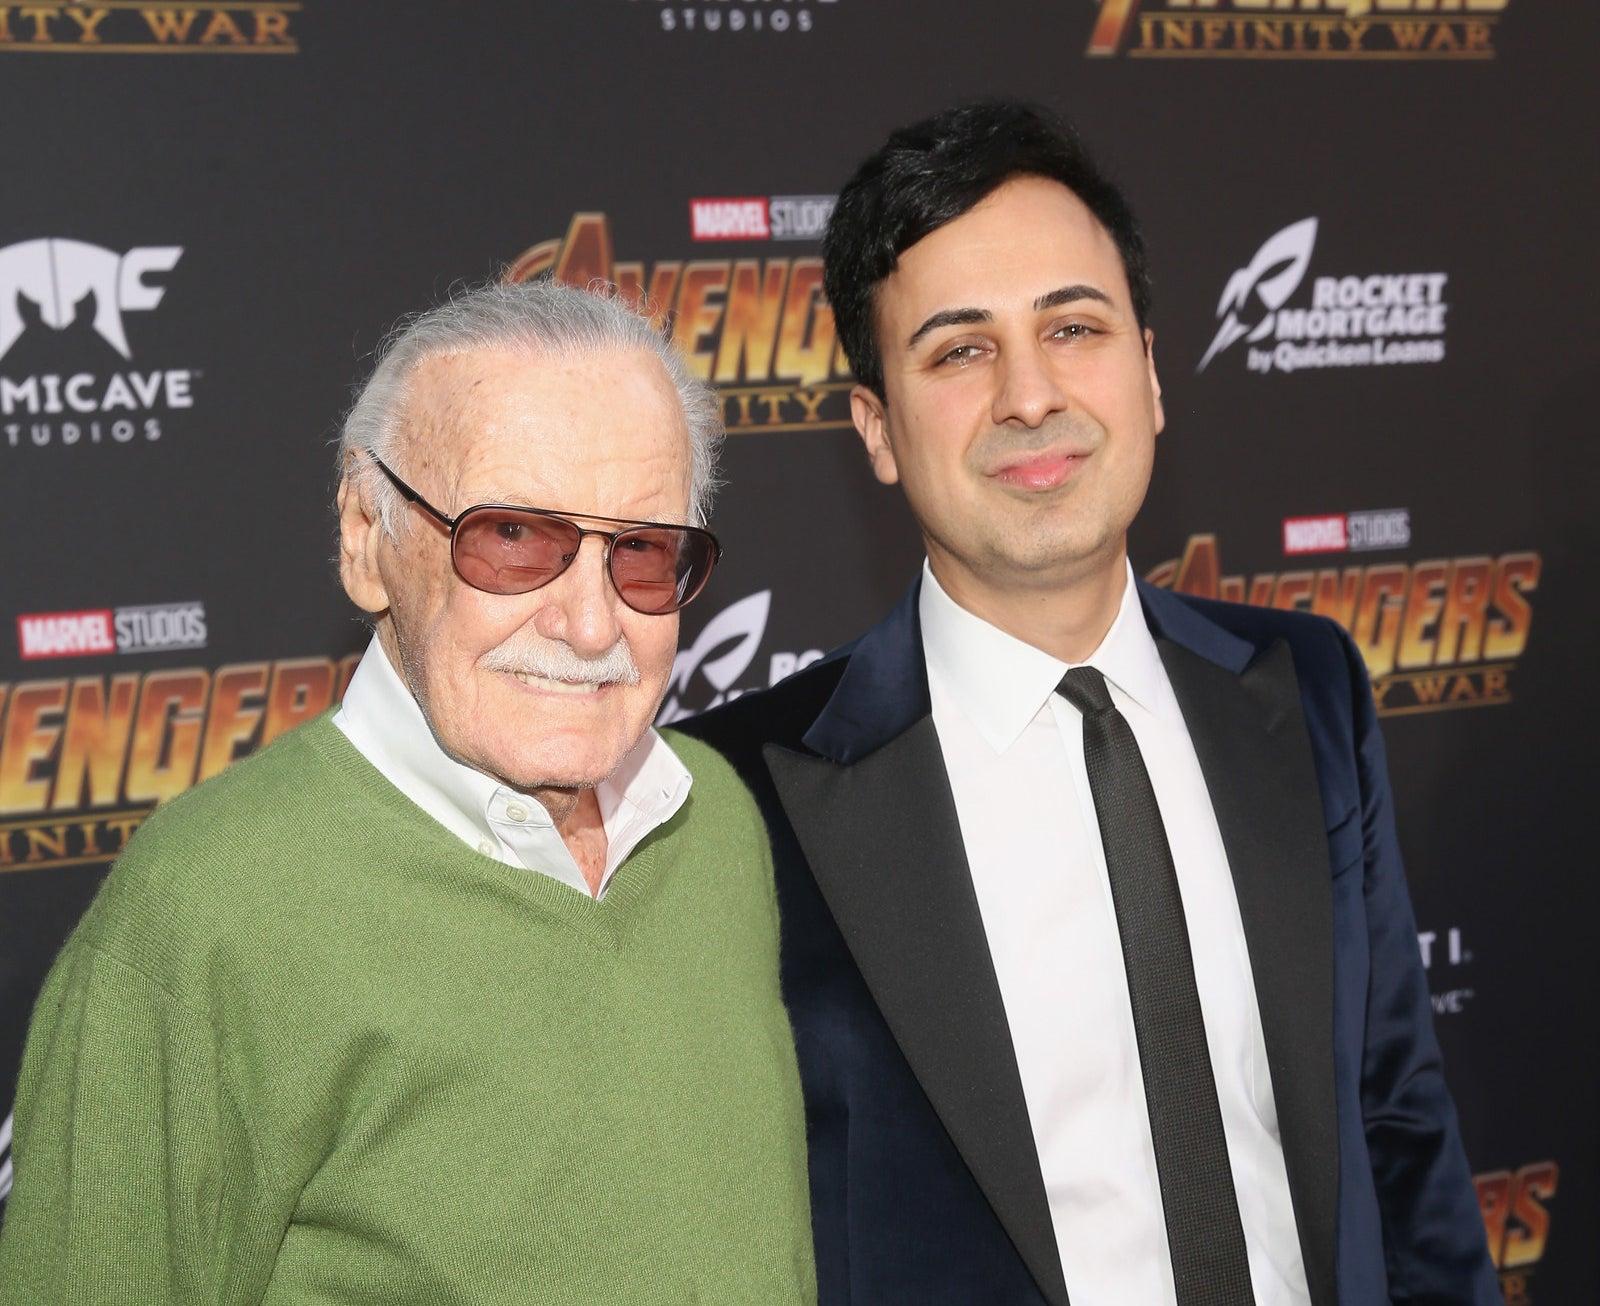 Stan Lee and Keya Morgan at the Infinity War premiere in April.